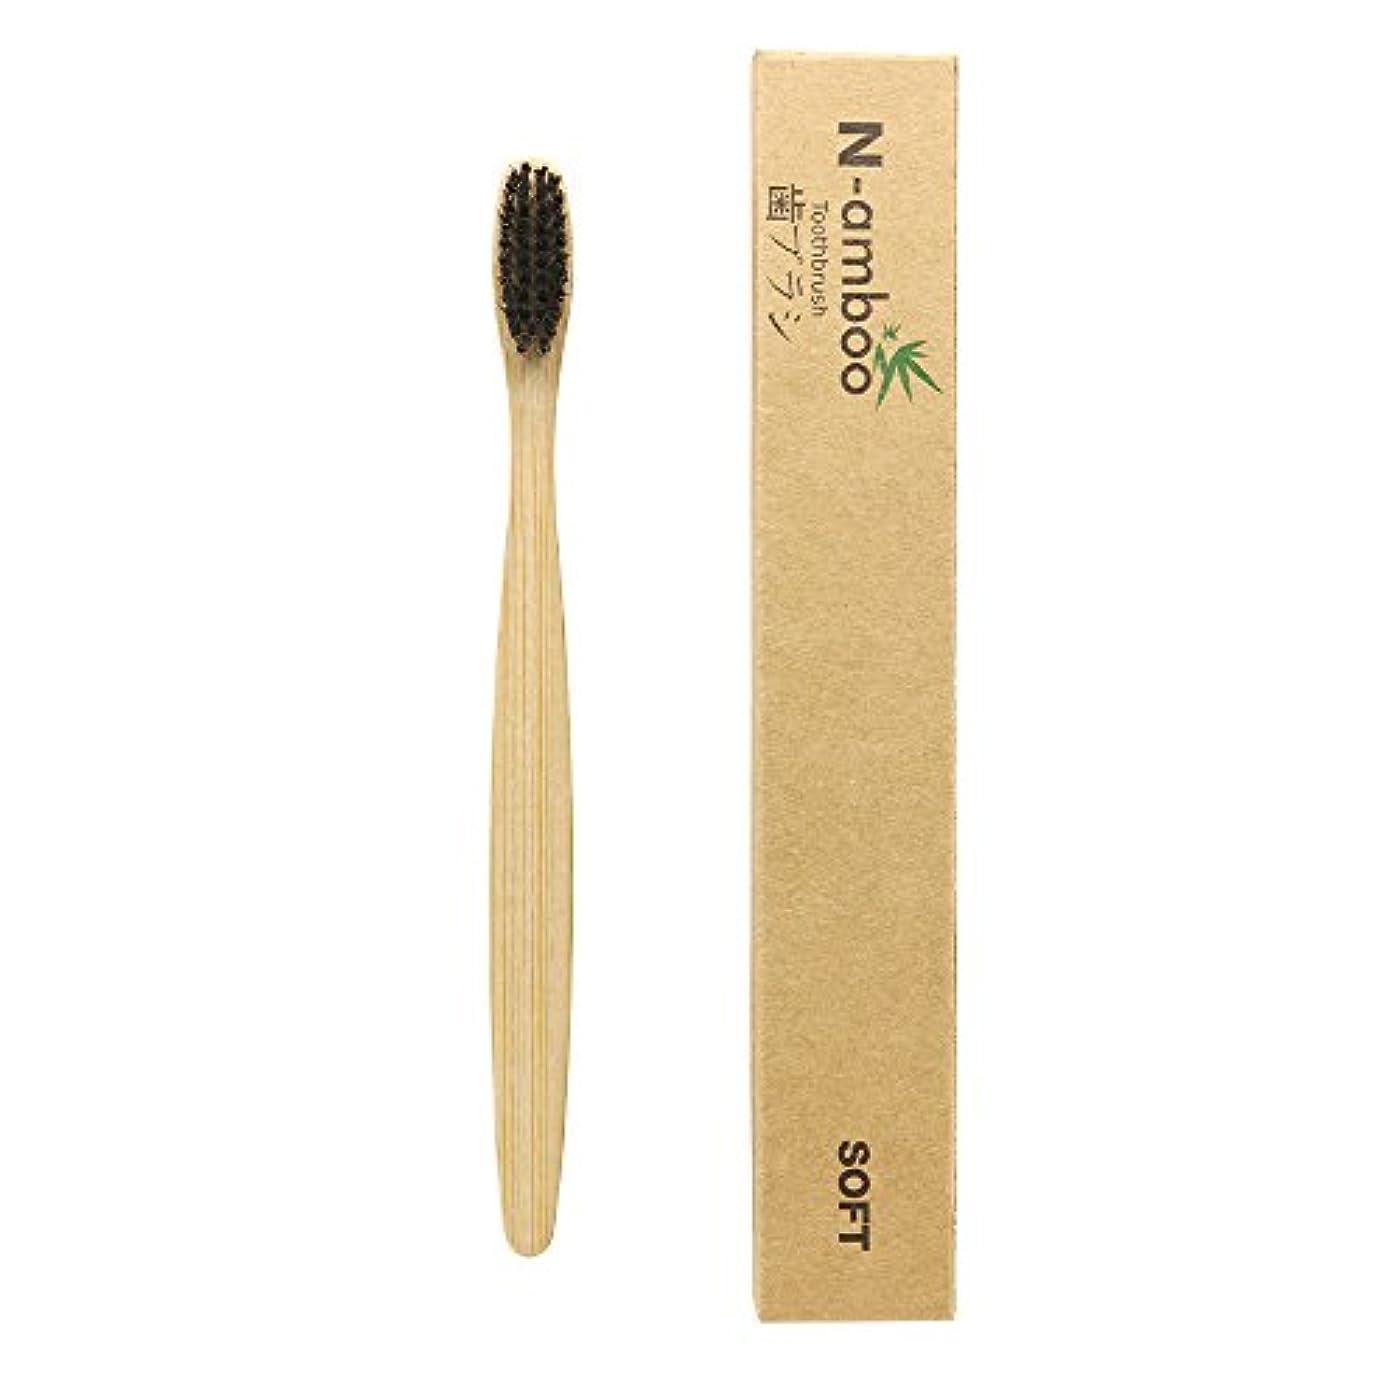 変更可能光スラッシュN-amboo 歯ブラシ 1本入り 竹製 高耐久性 黒 エコ